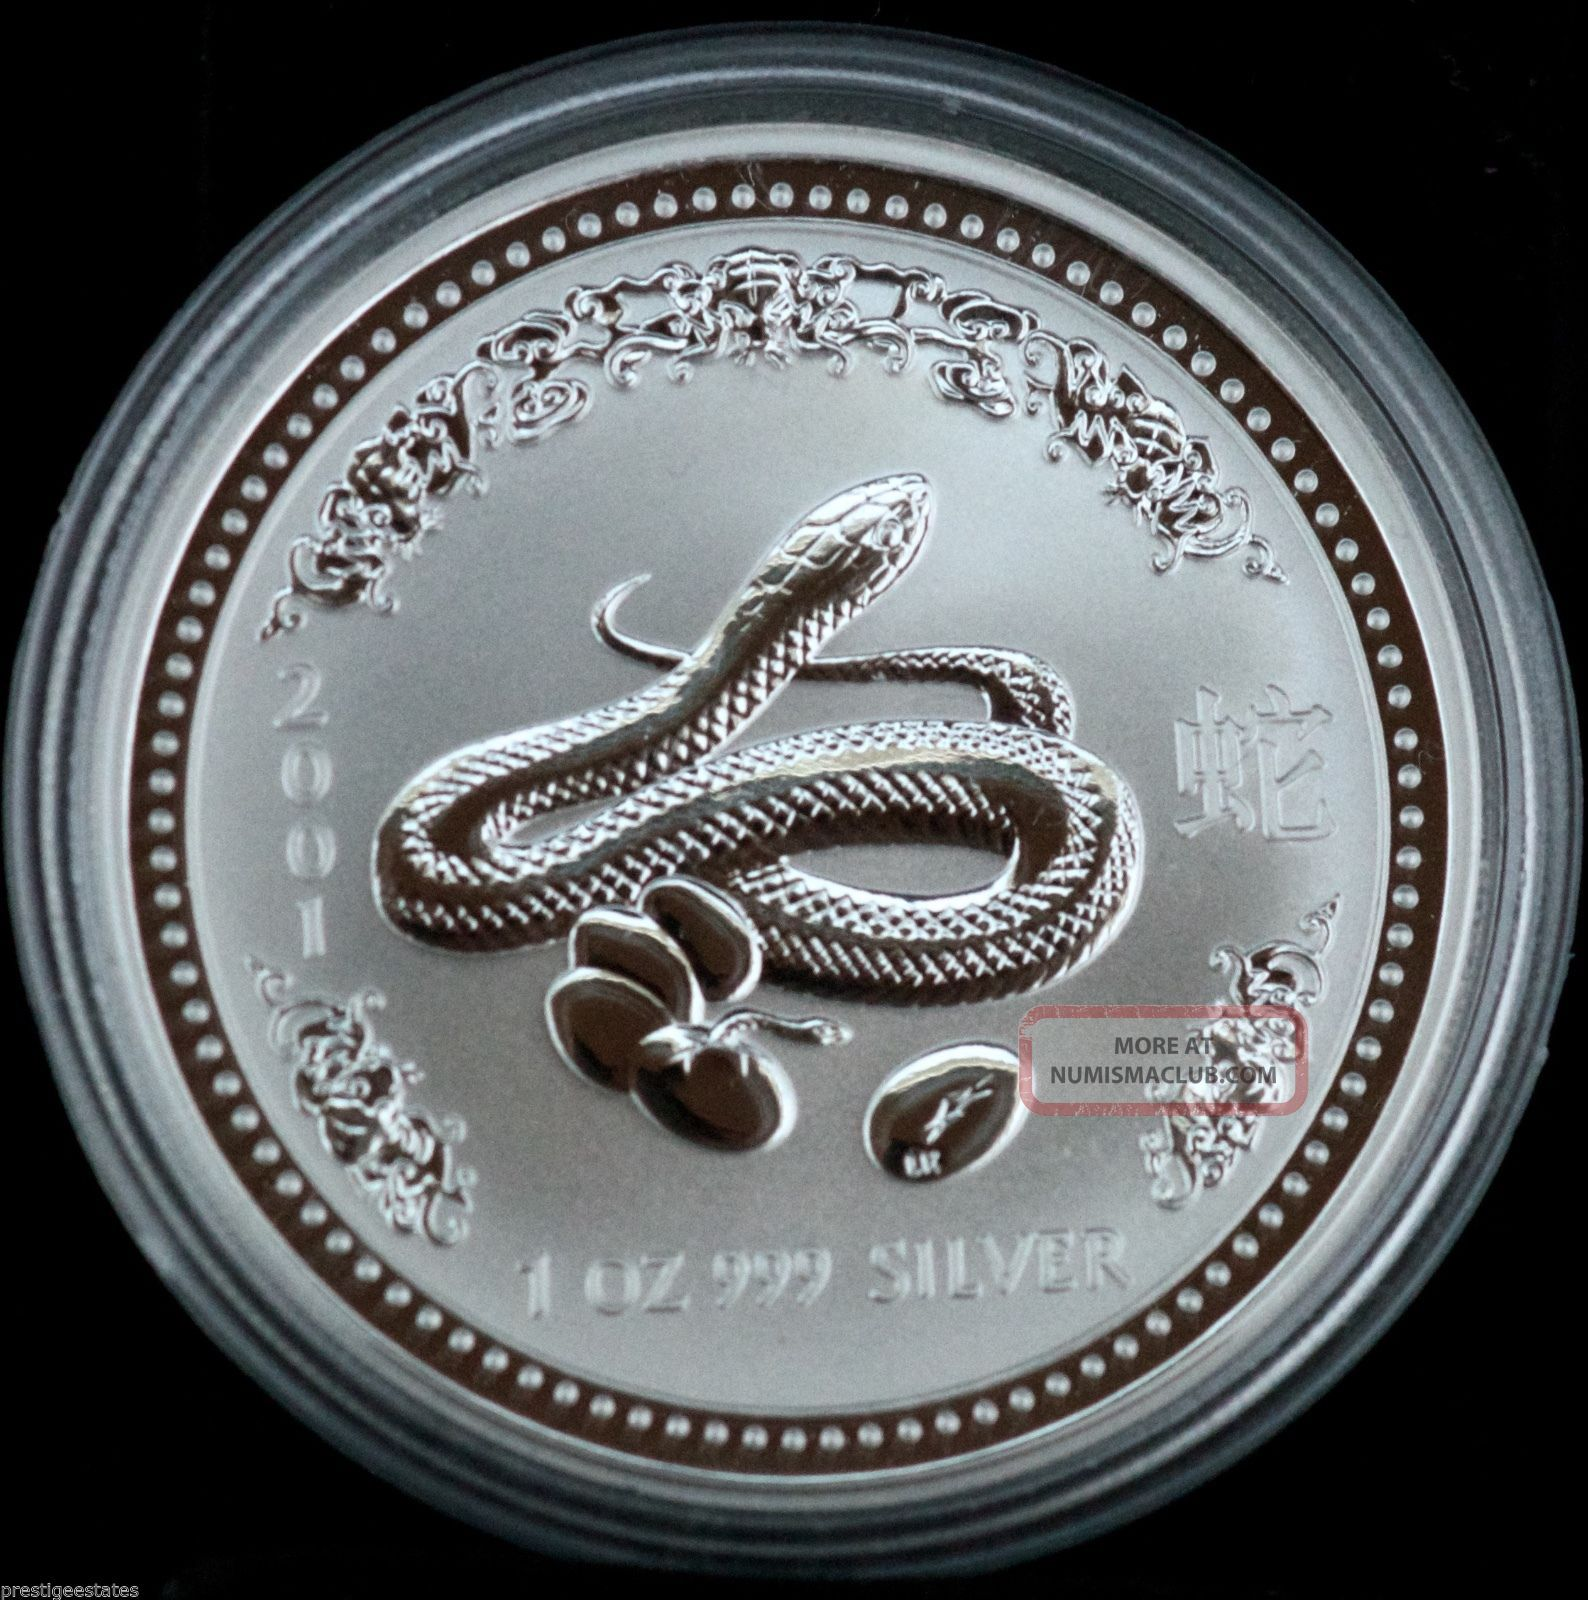 2001 Australia 1 Dollar 999 Silver 1 Oz Chinese Lunar Year